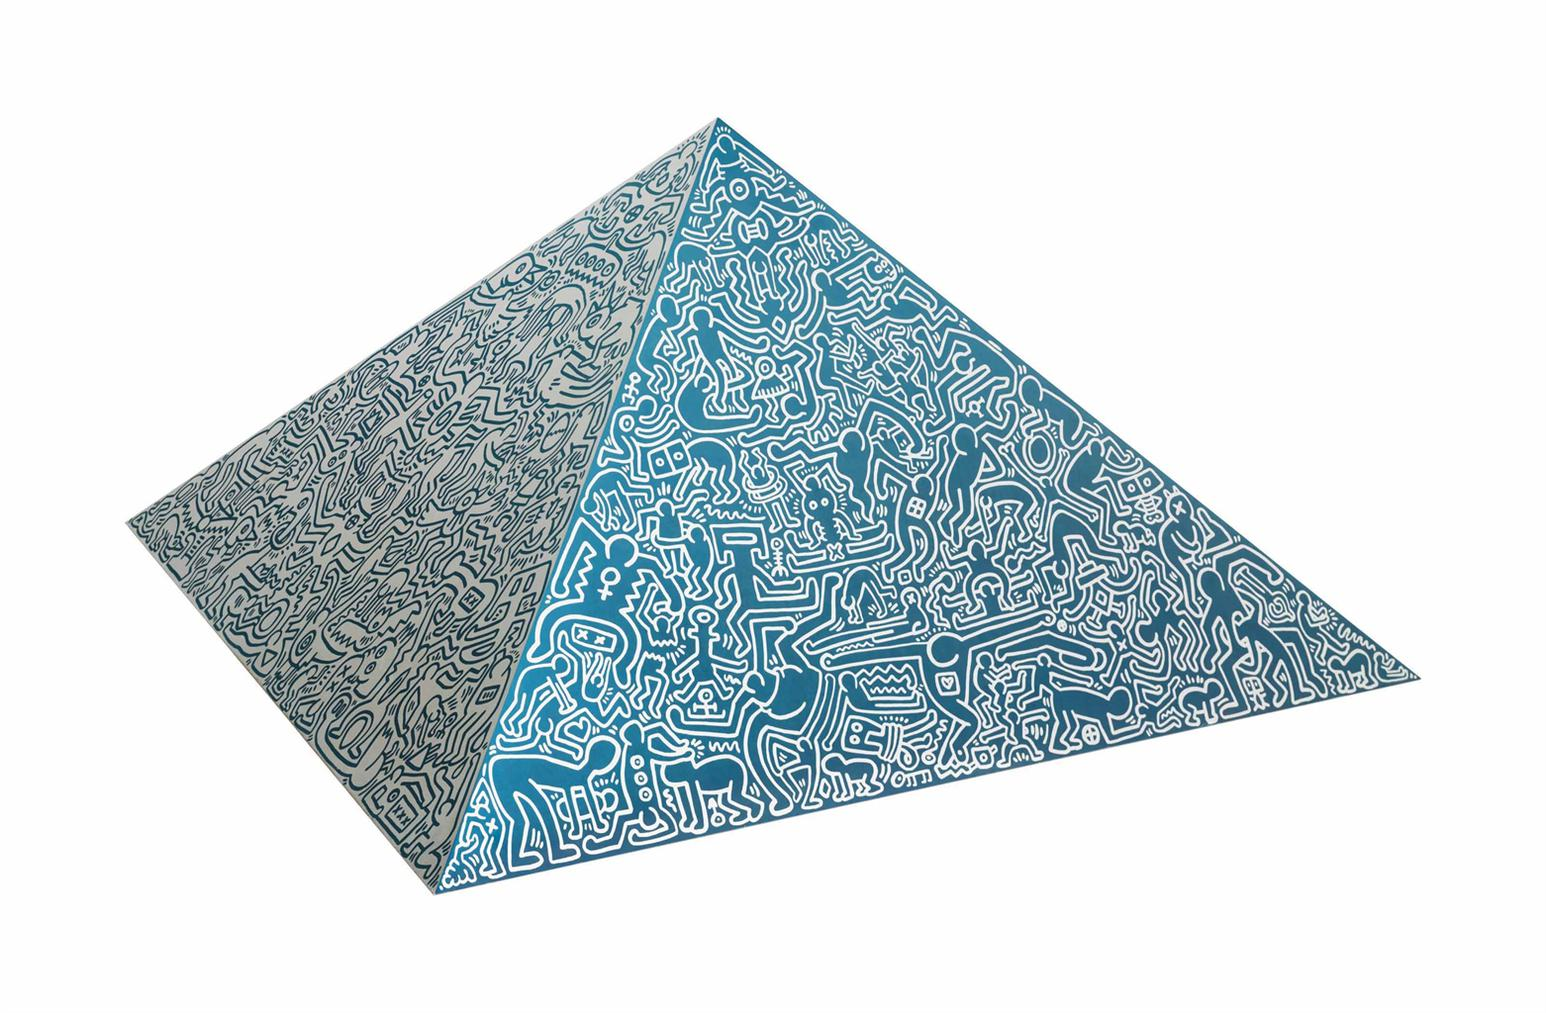 Keith Haring-Pyramid Sculpture-1989